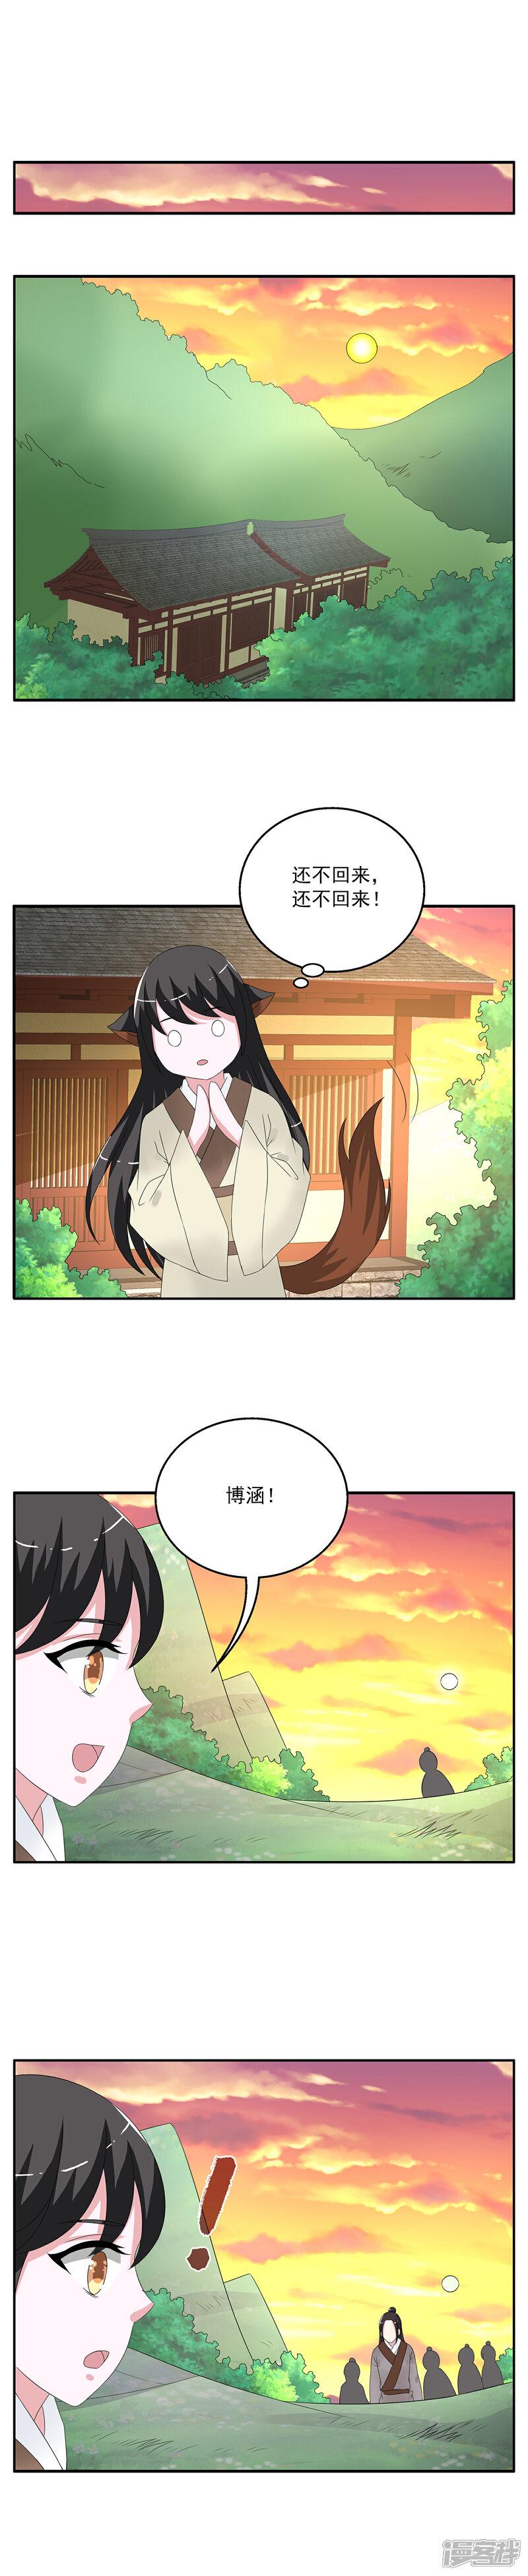 洛小妖159 (6).jpg